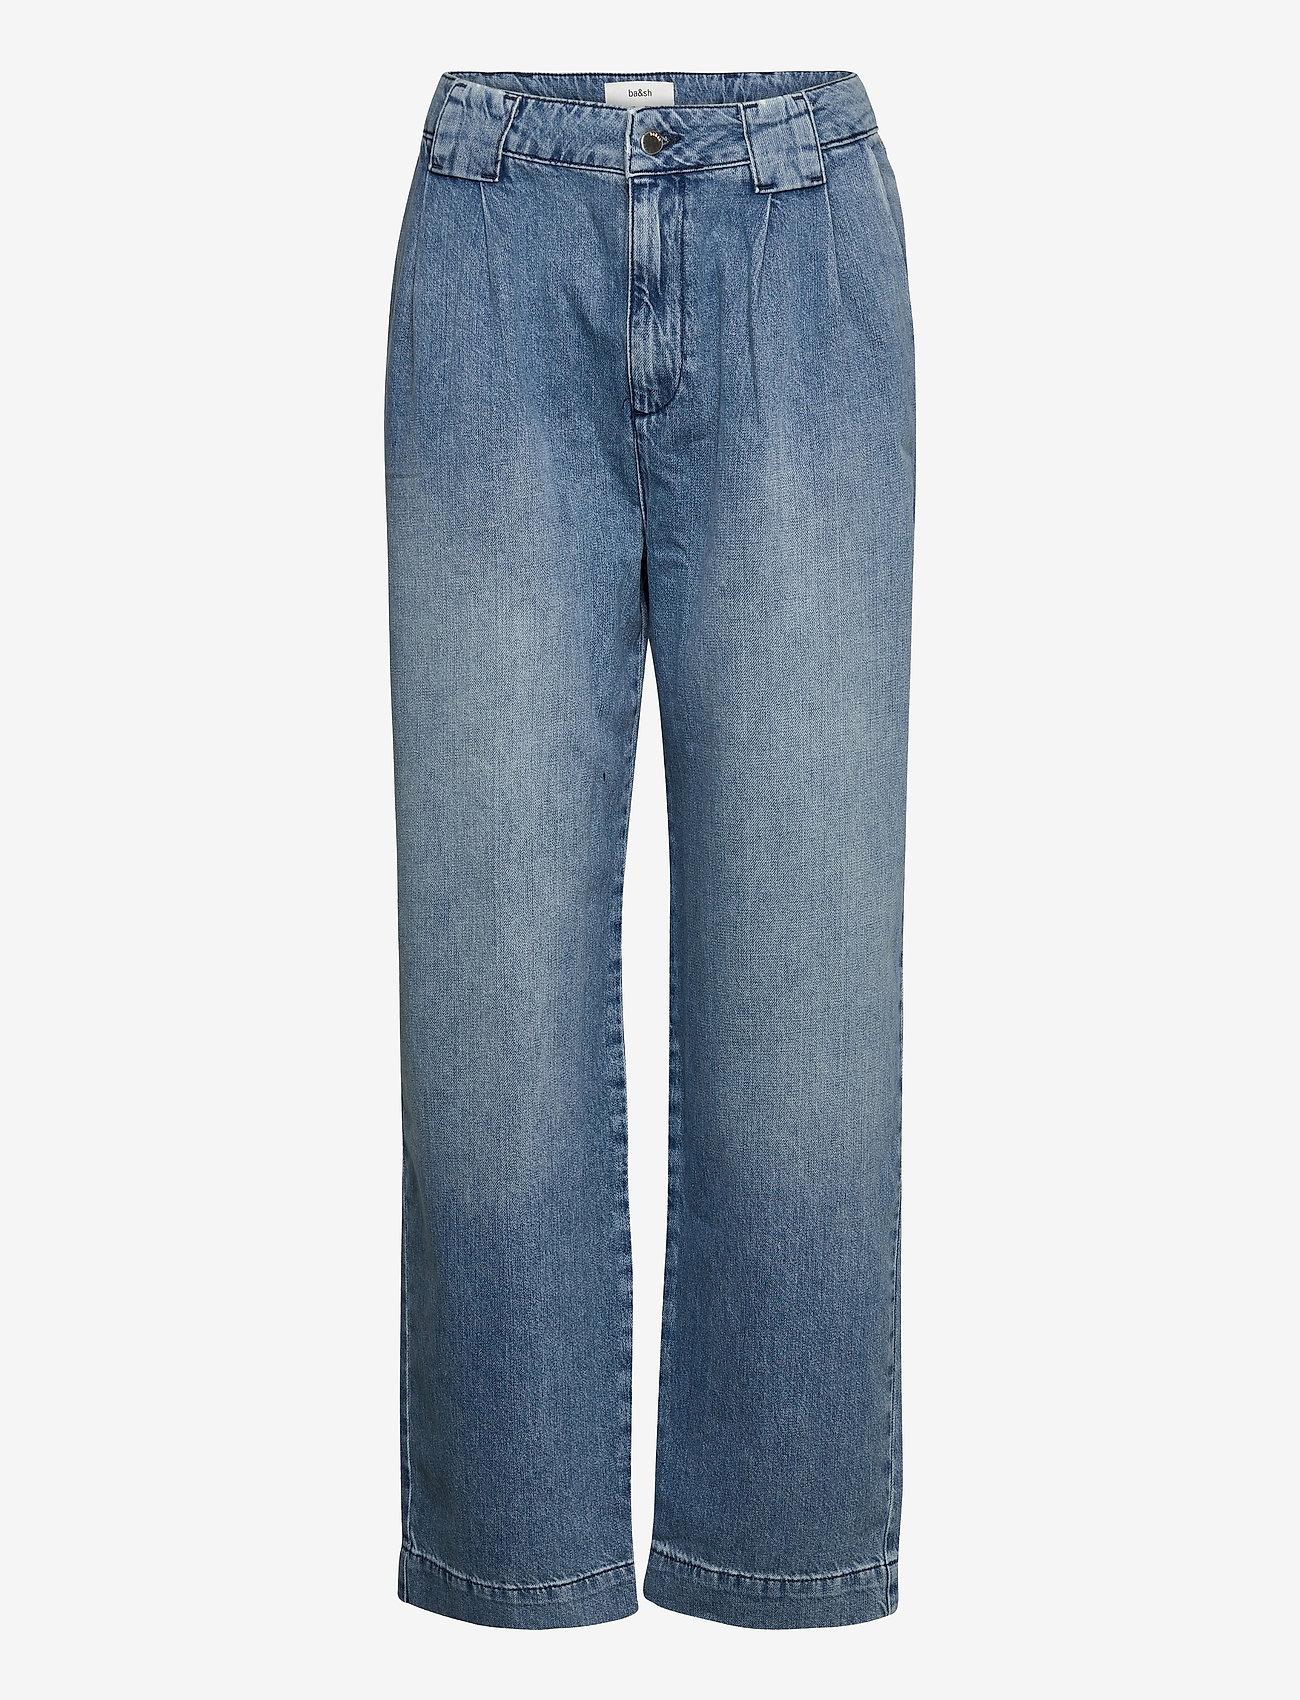 ba&sh - SAXO PANT - brede jeans - light use dblue - 1